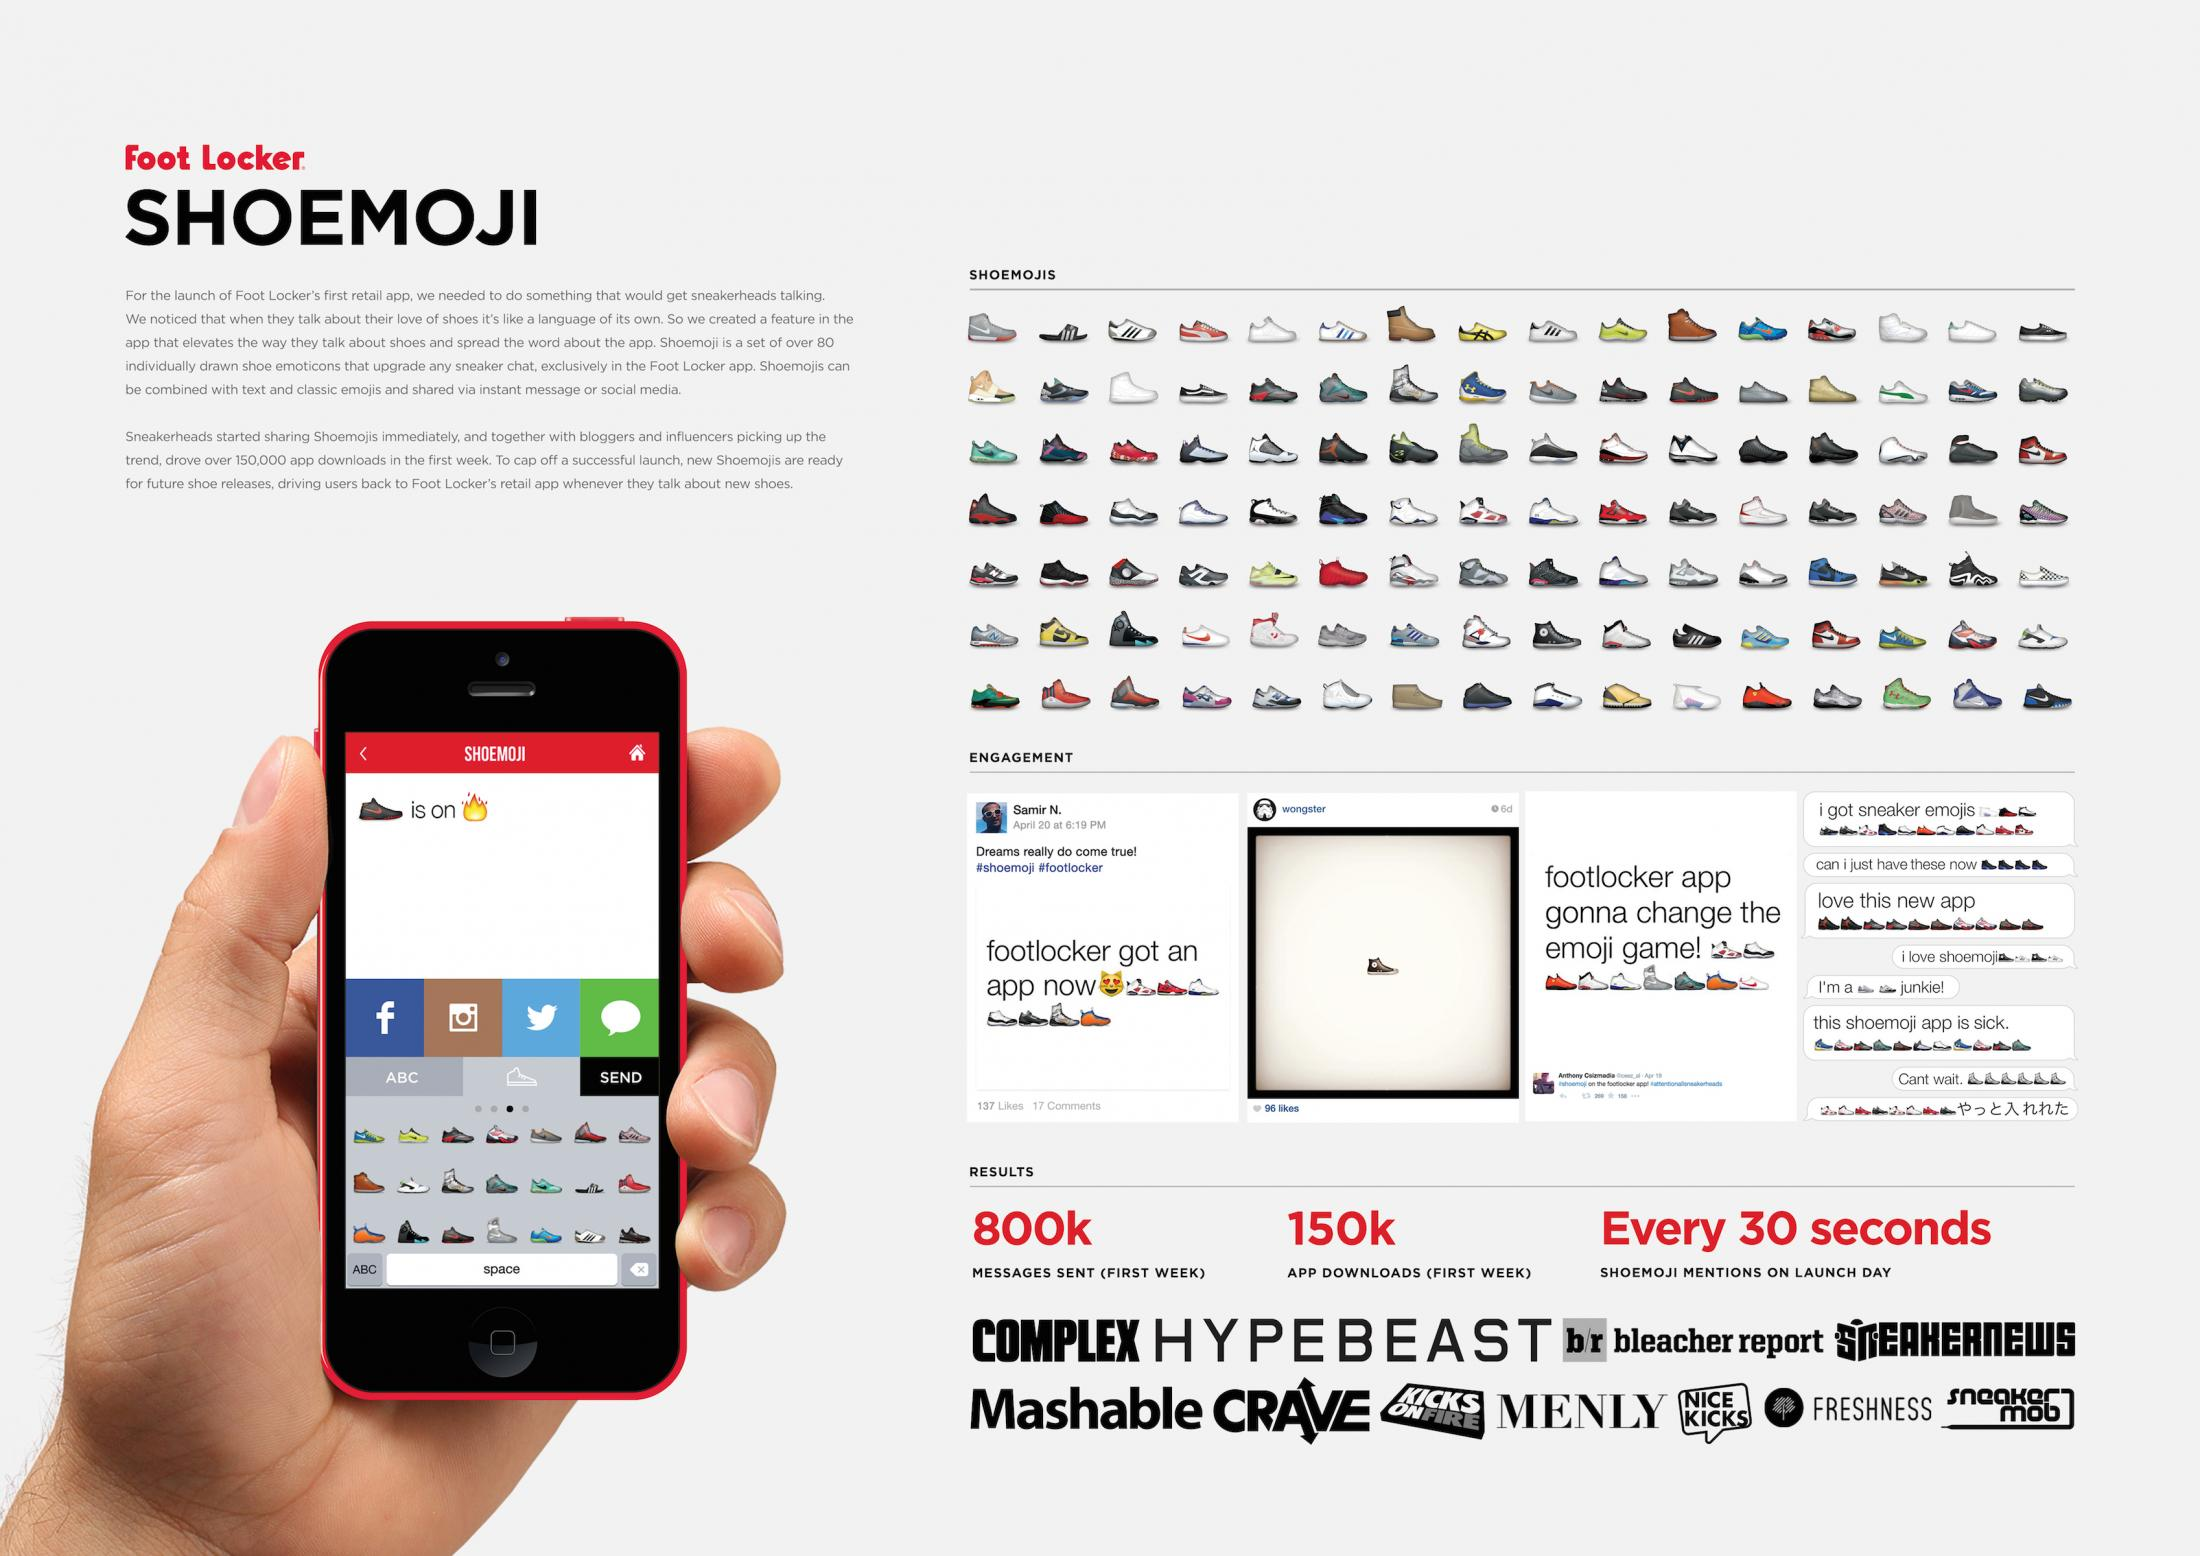 Thumbnail for Shoemoji